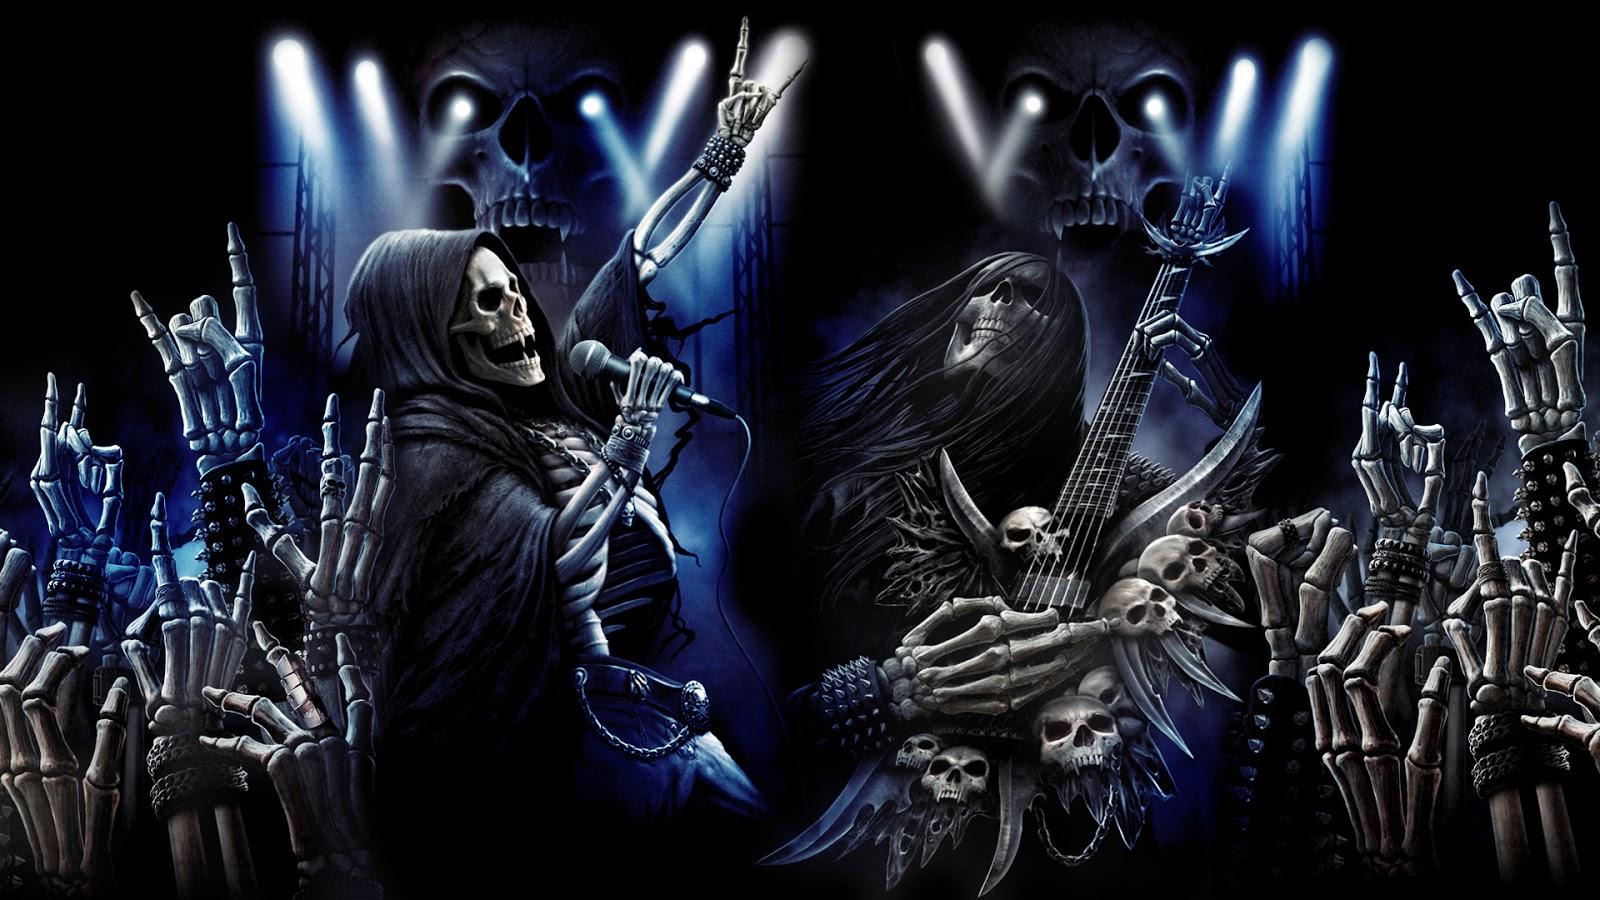 Death erotic fantasy